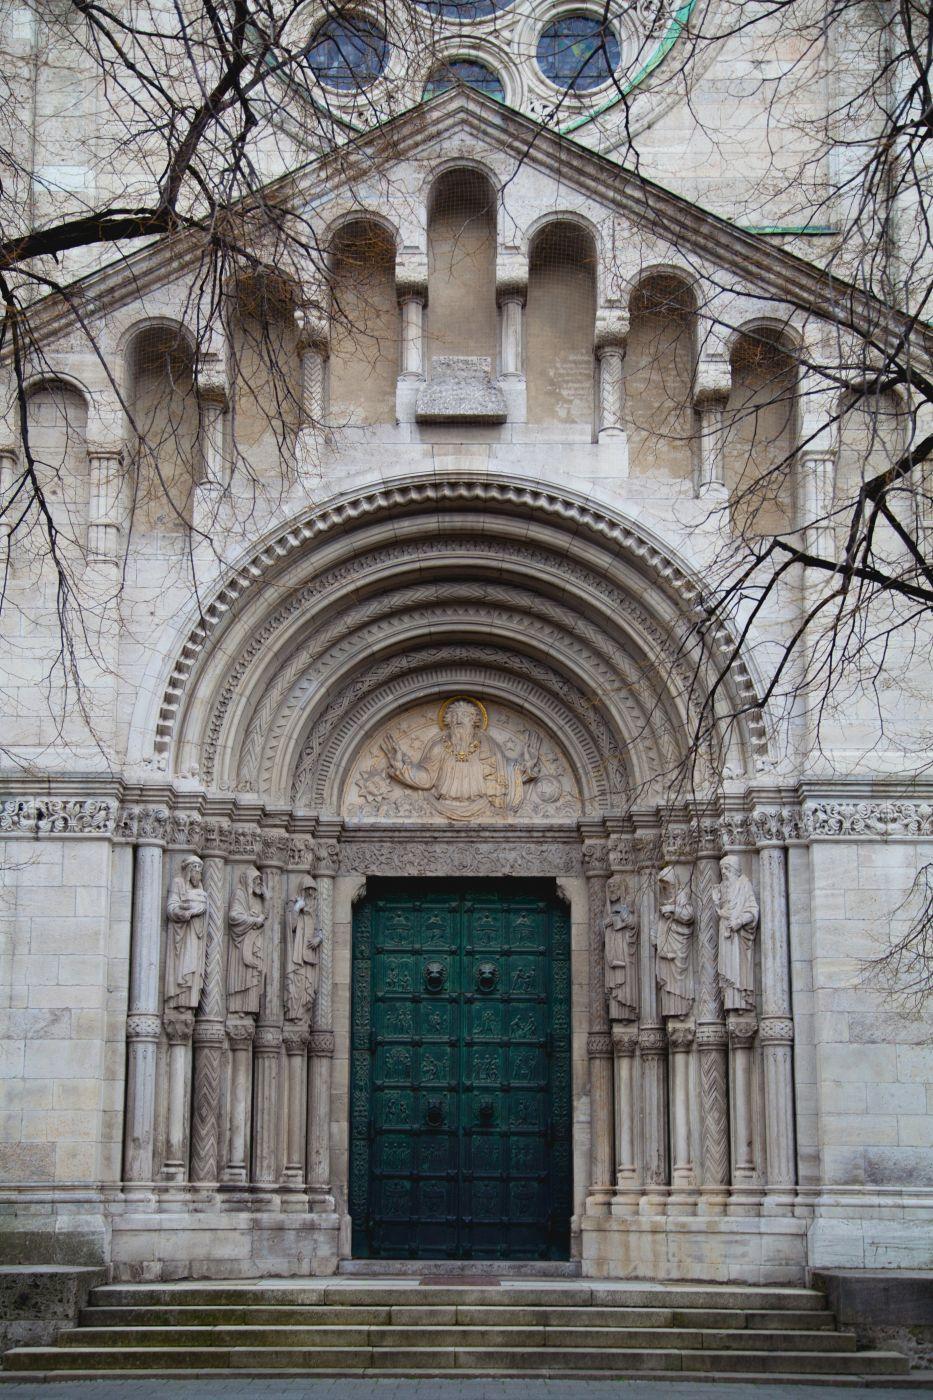 St. Benno's Church, Germany